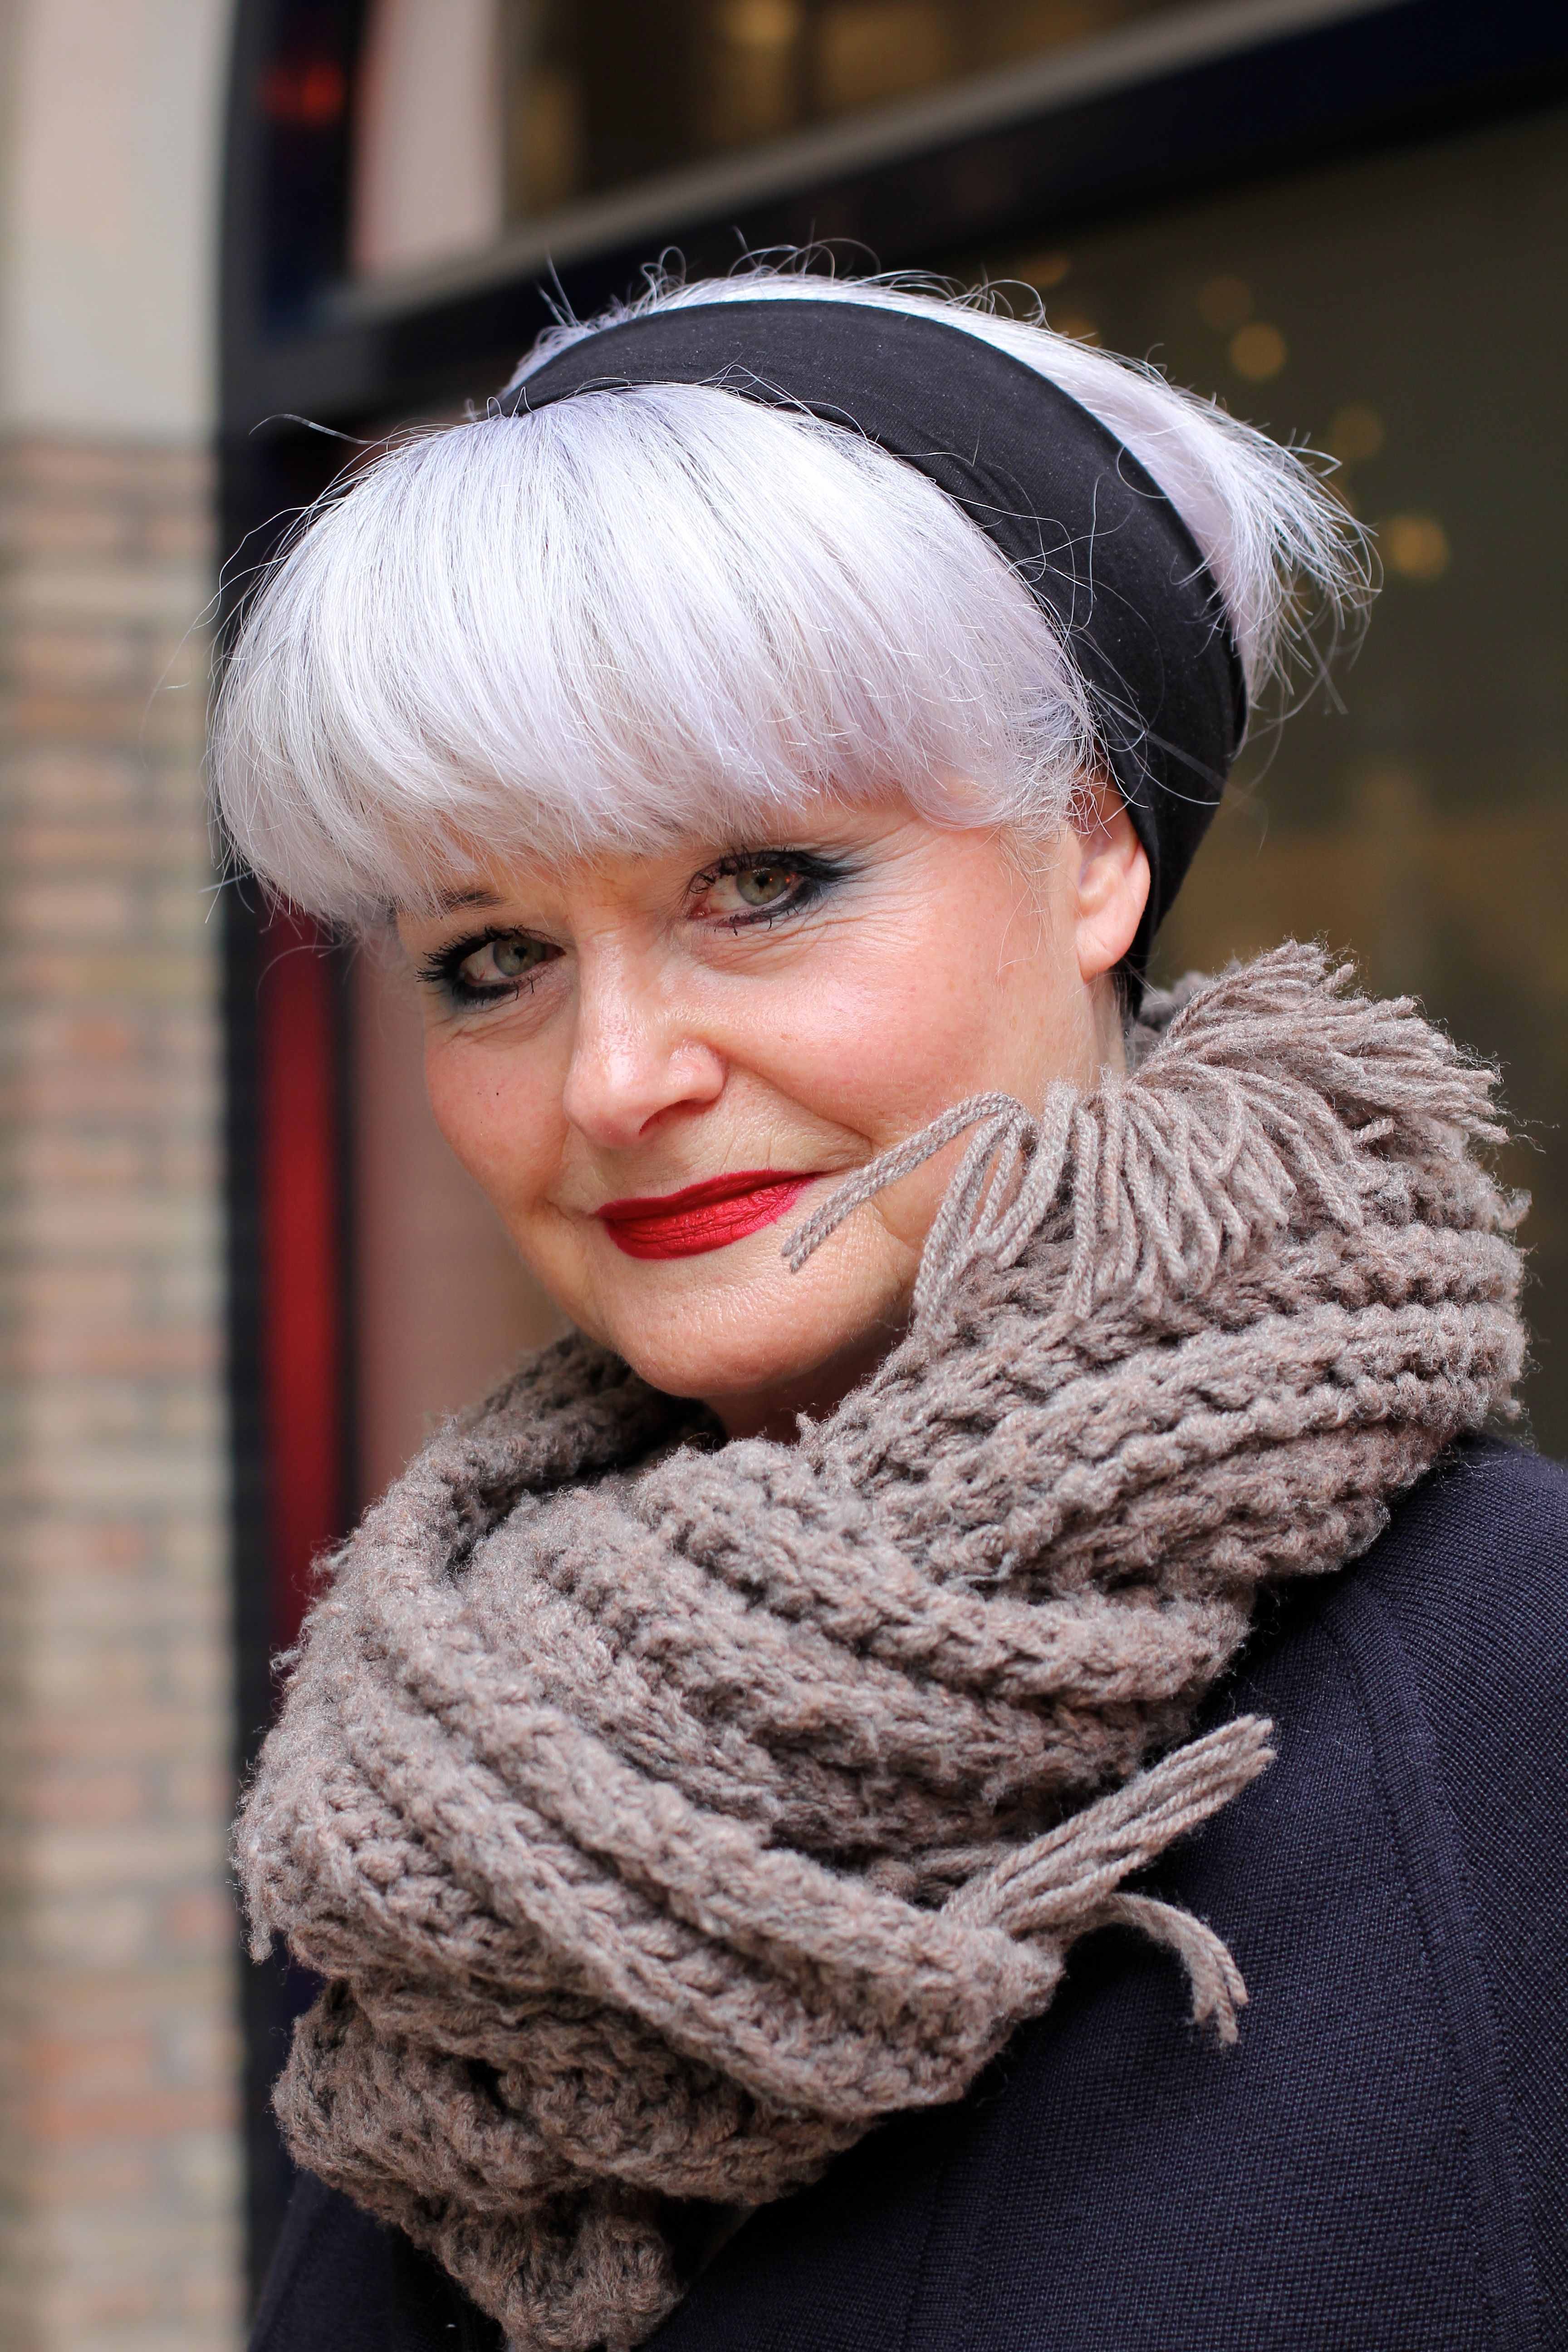 Kies je voor grijs haar? De uitgroei kan soms even lastig zijn, lees de tips van een professioneel hair stylist en doe er je voordeel mee.